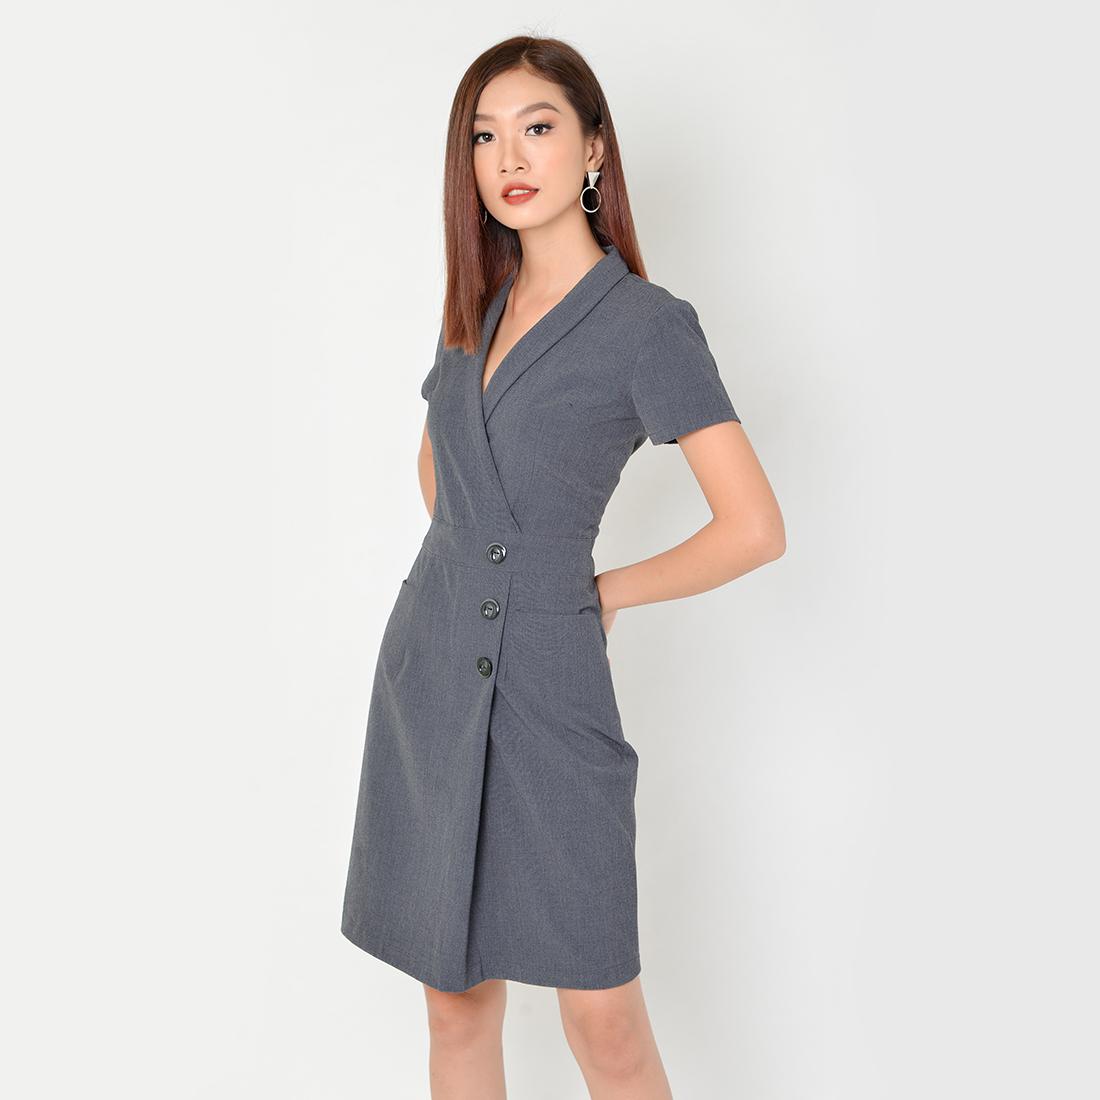 Đầm Công Sở Thời Trang Eden Cổ Vest Tay Ngắn - D323 - Màu xám